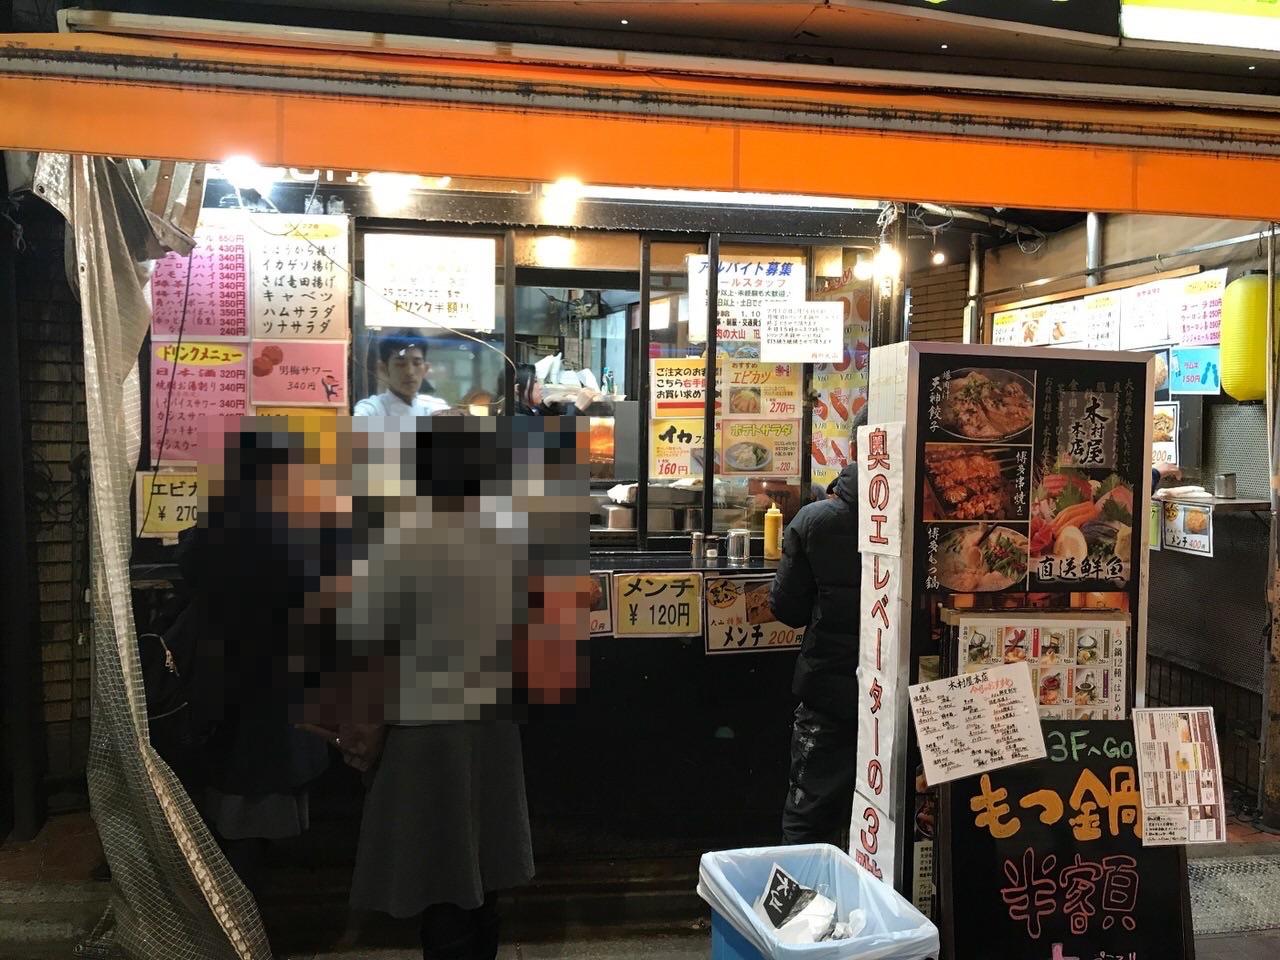 Ooyama 0109175911